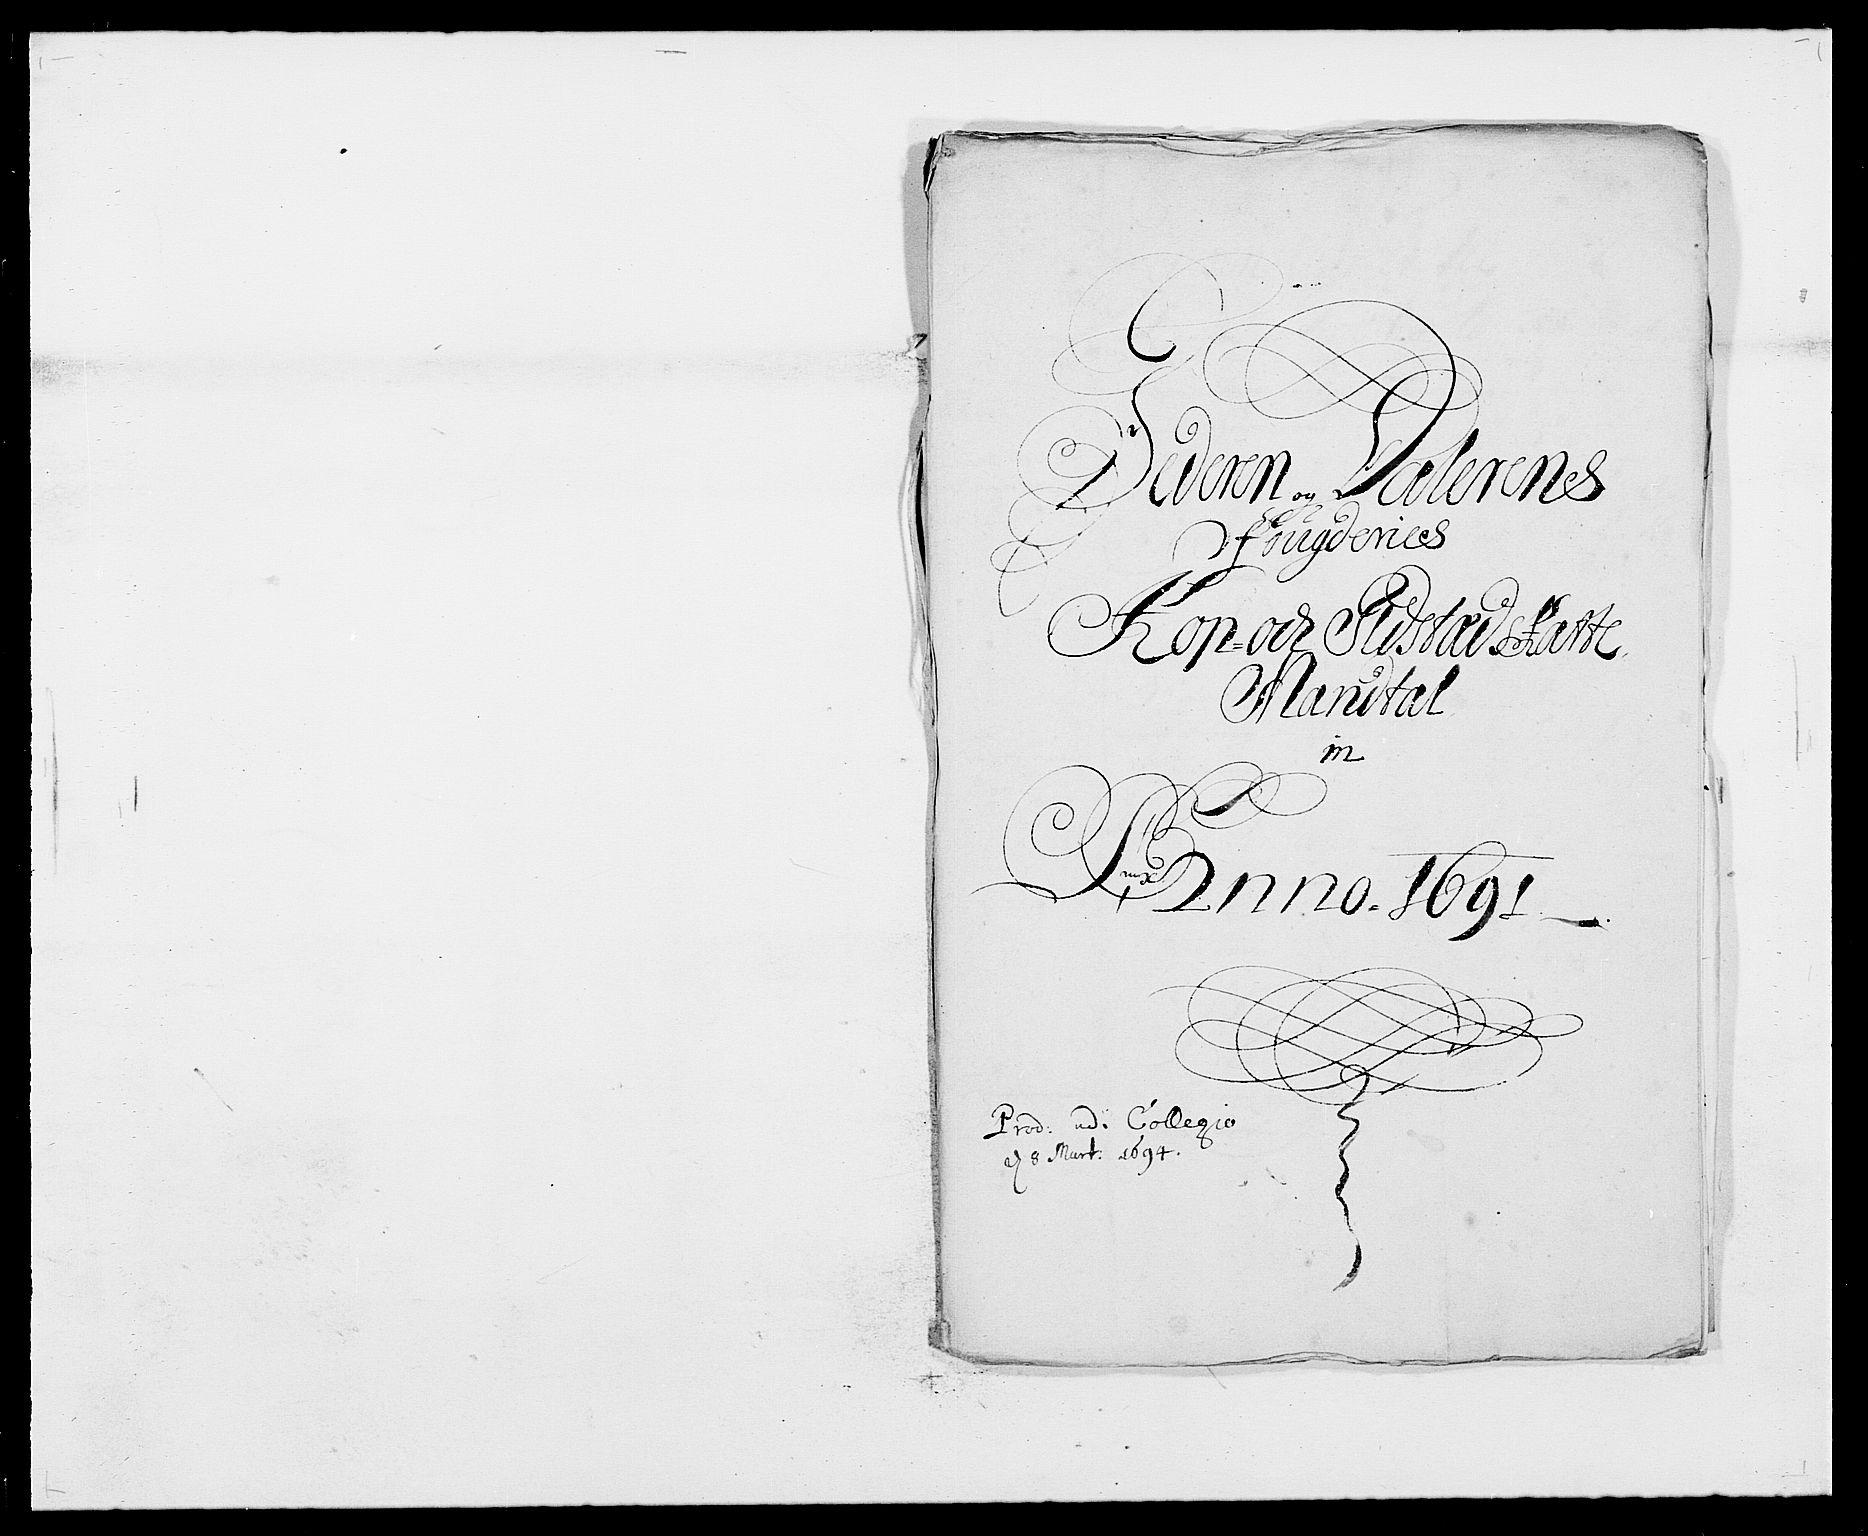 RA, Rentekammeret inntil 1814, Reviderte regnskaper, Fogderegnskap, R46/L2727: Fogderegnskap Jæren og Dalane, 1690-1693, s. 112